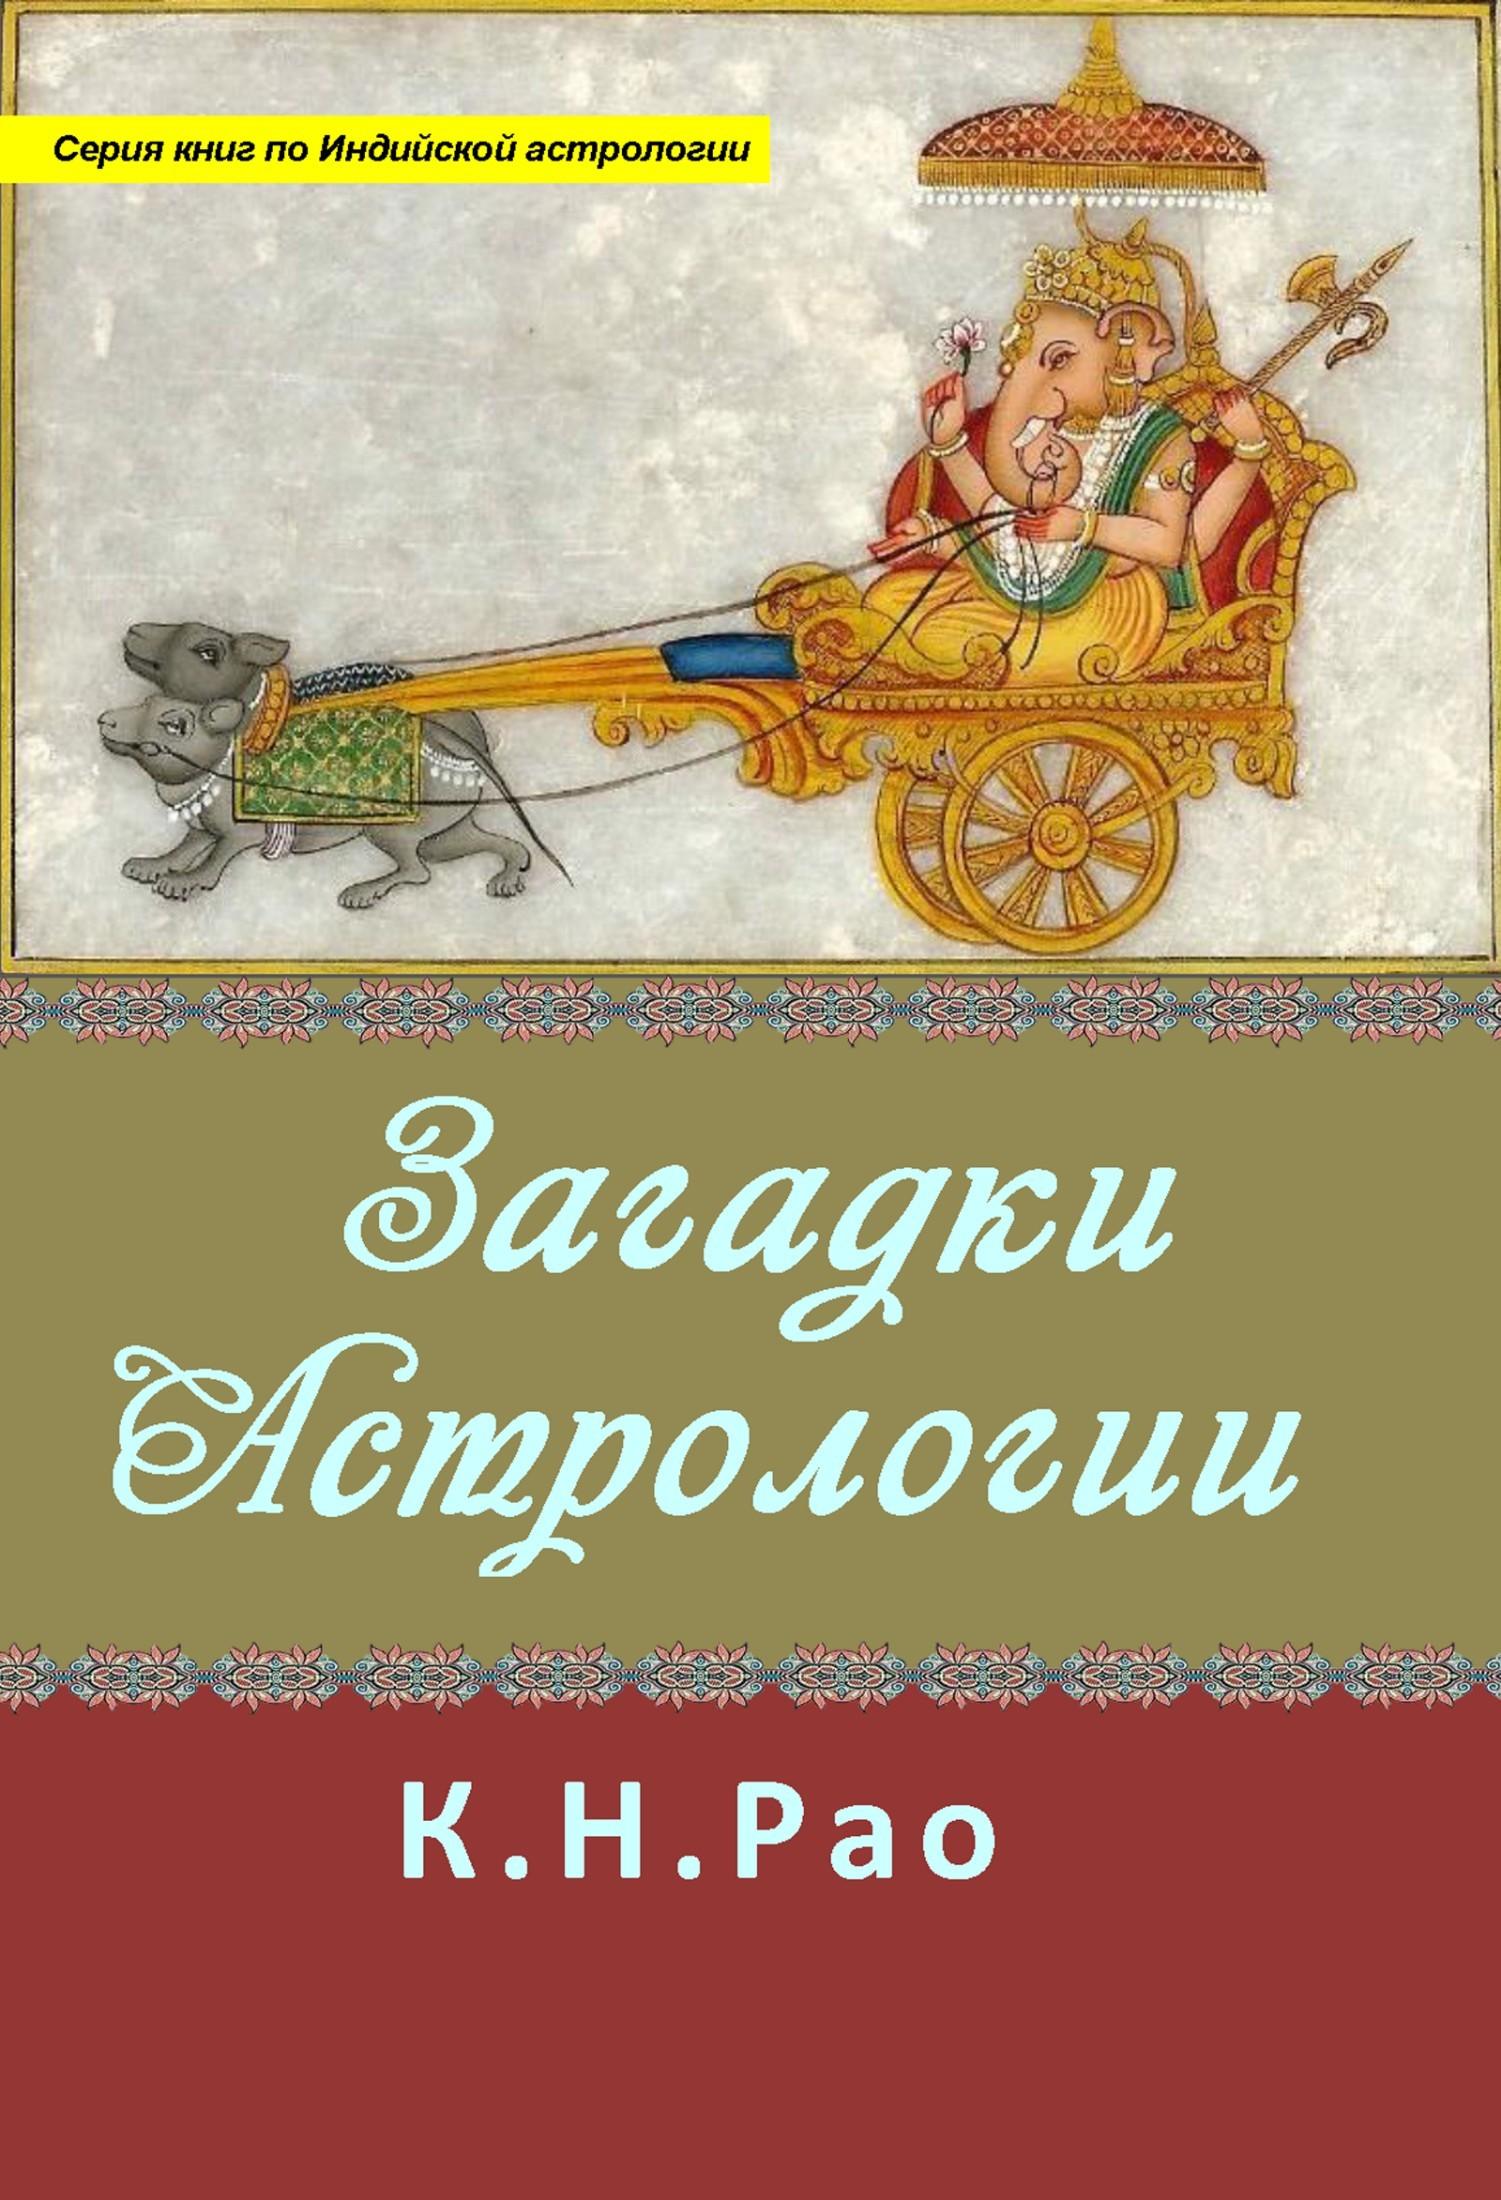 цена на Катамраджу Нараяна Рао Загадки астрологии